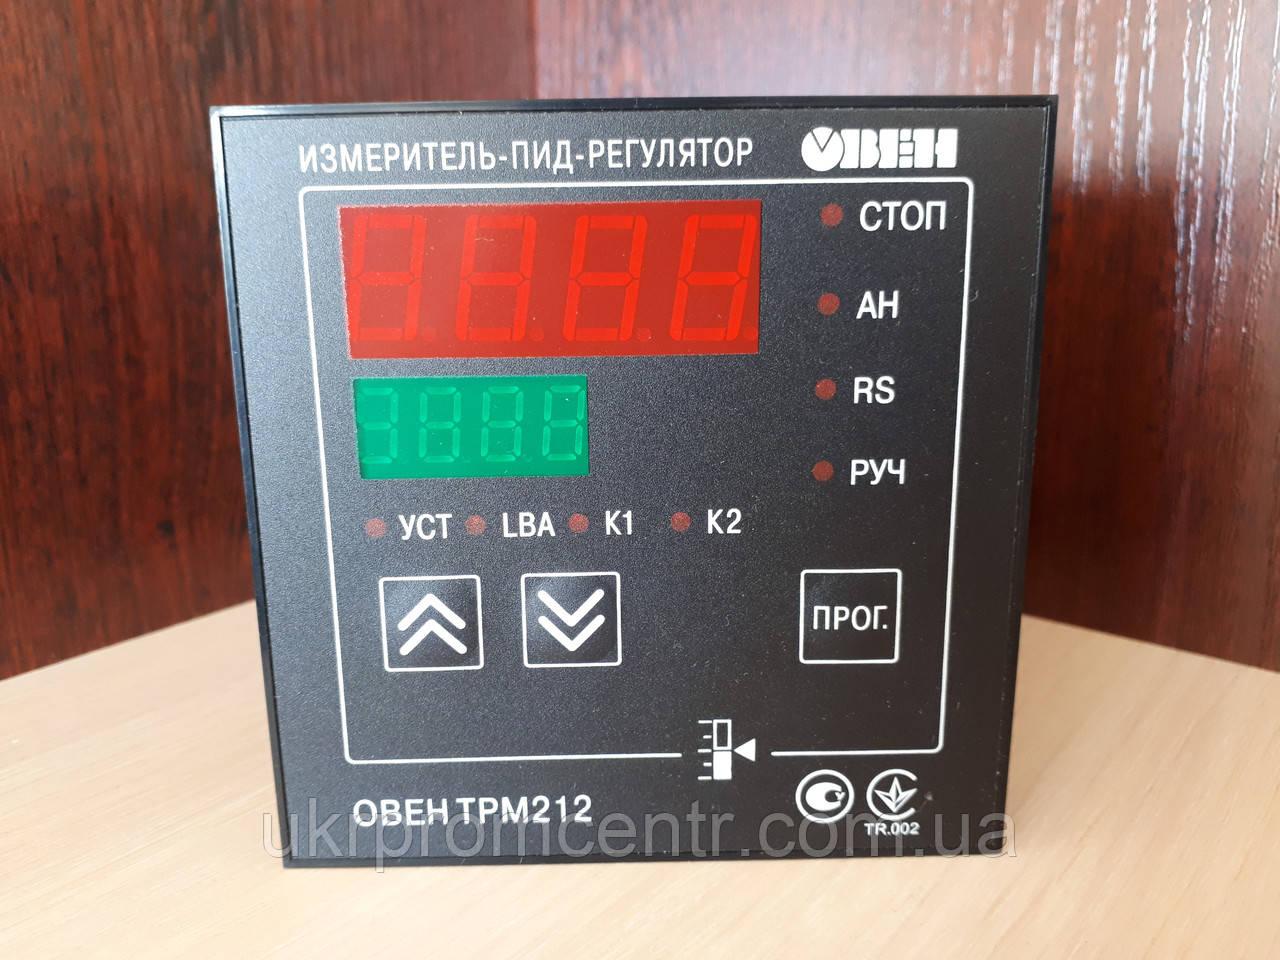 Измеритель ПИД-регулятор для управления задвижками и трехходовыми клапанами с интерфейсом RS-485 ОВЕН ТРМ212